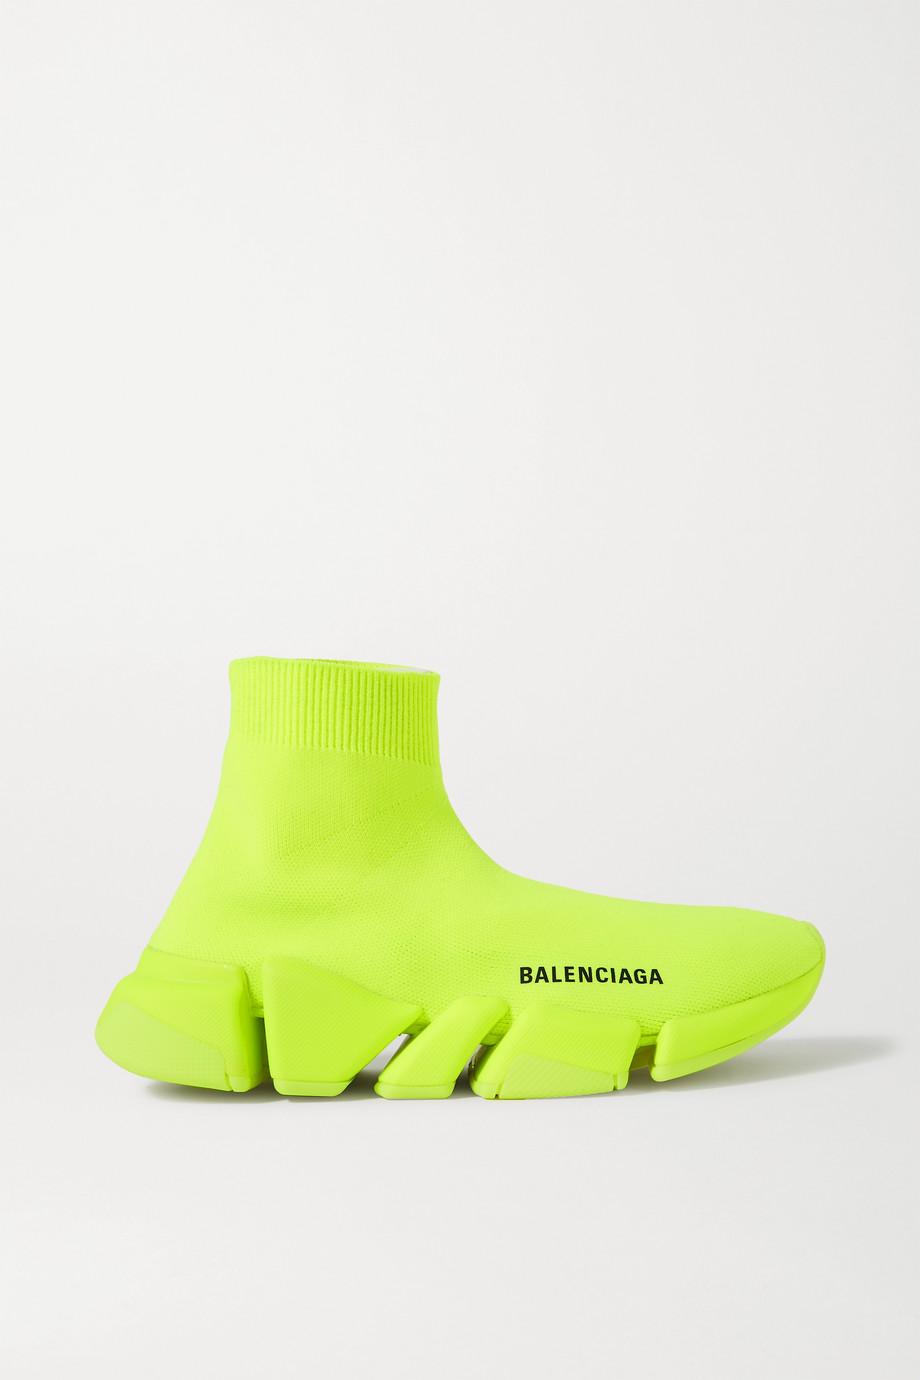 발렌시아가 스피드러너 2.0 여성용 - 네온 그린 Balenciaga Speed 2.0 stretch-knit high-top sneakers,Yellow